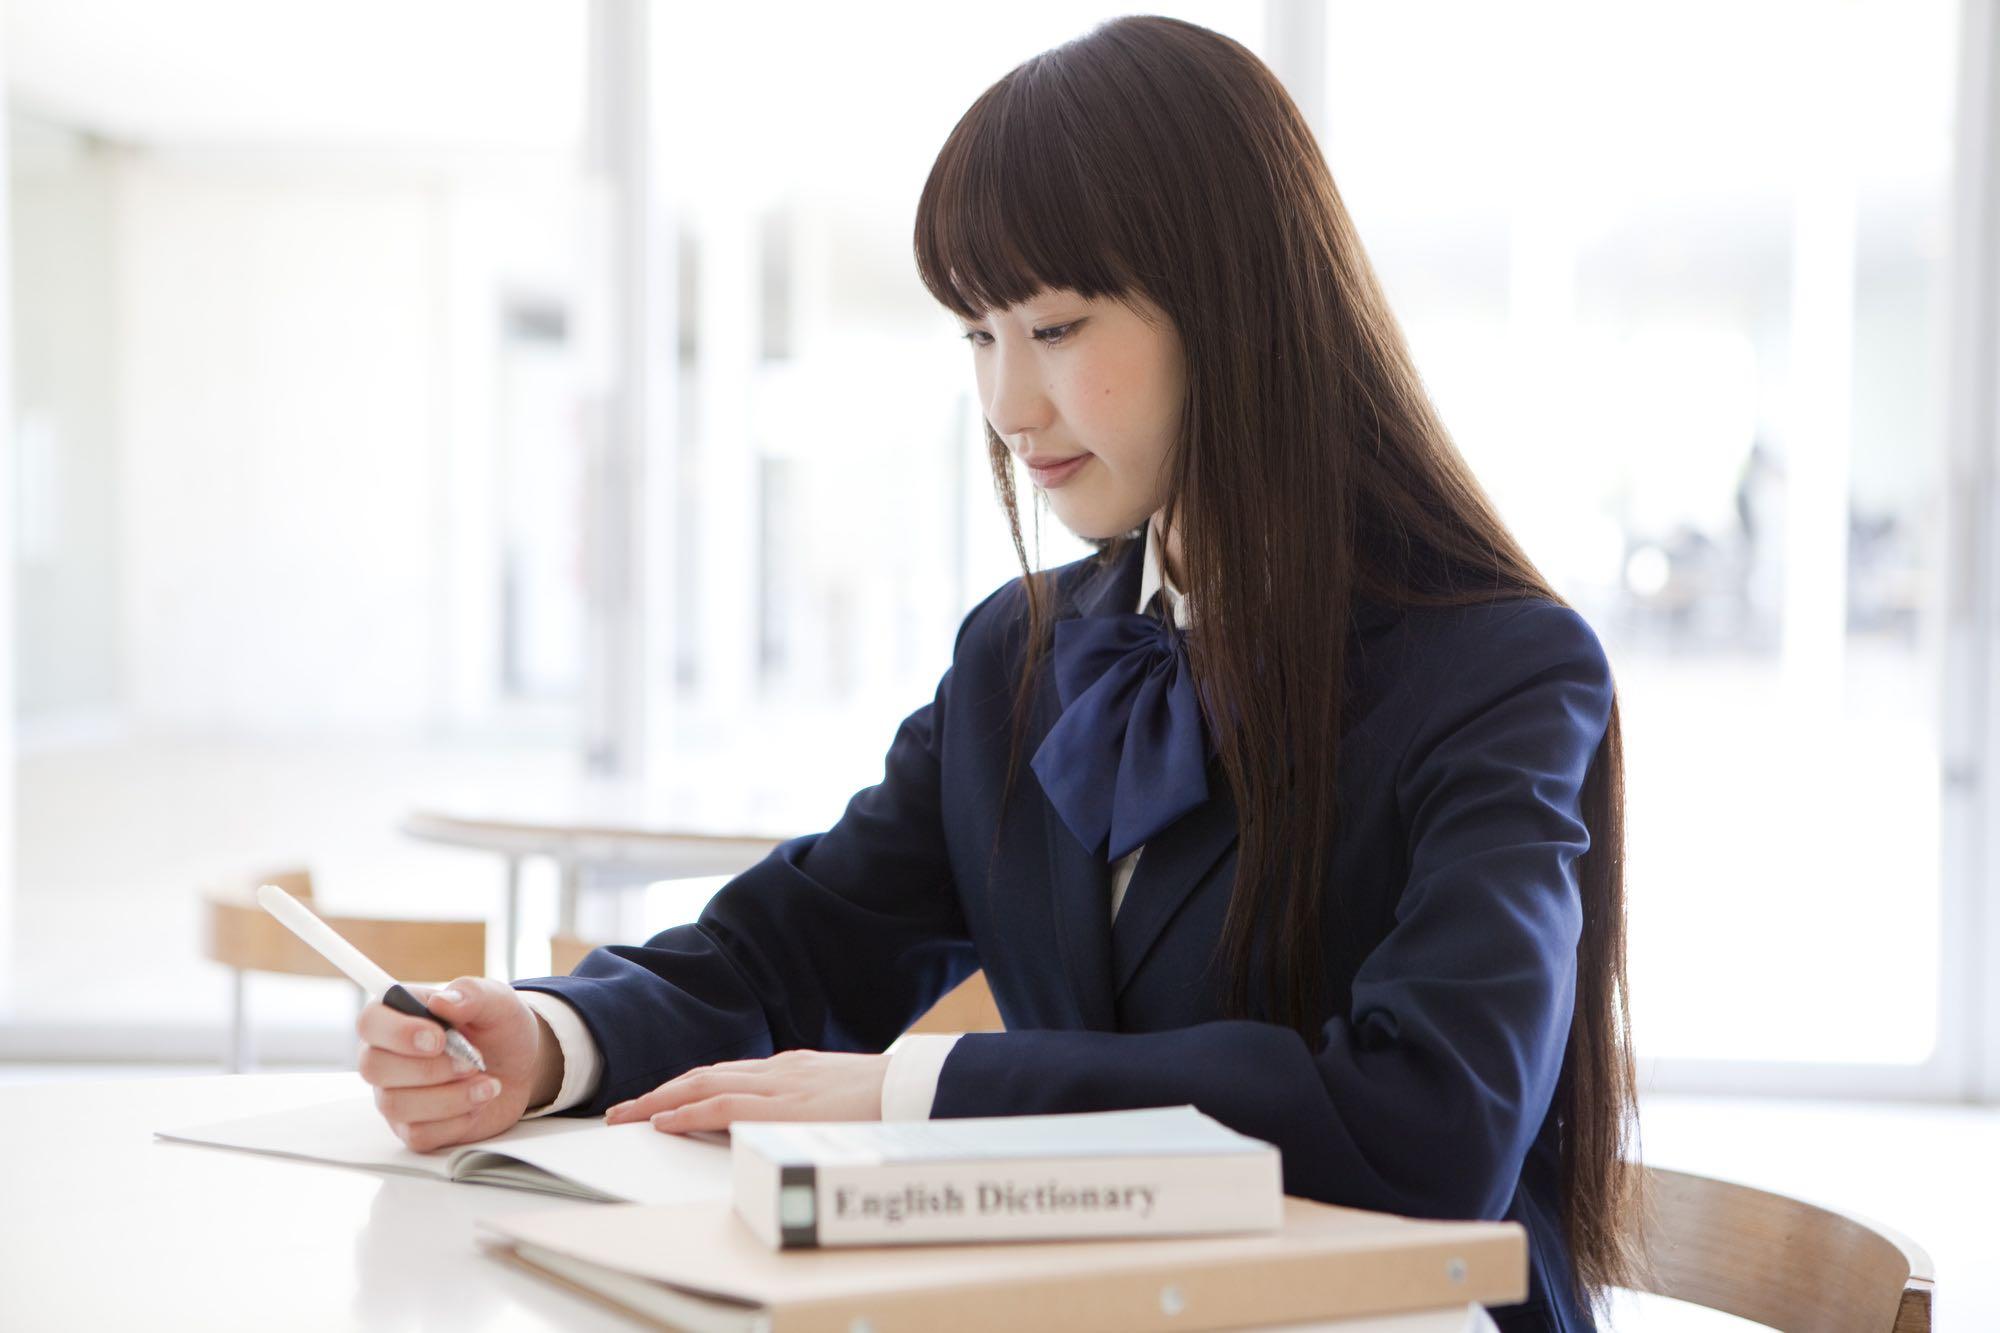 勉強って具体的にどうやってするもの? 学習に関する疑問に答えてくれるヒント本5選